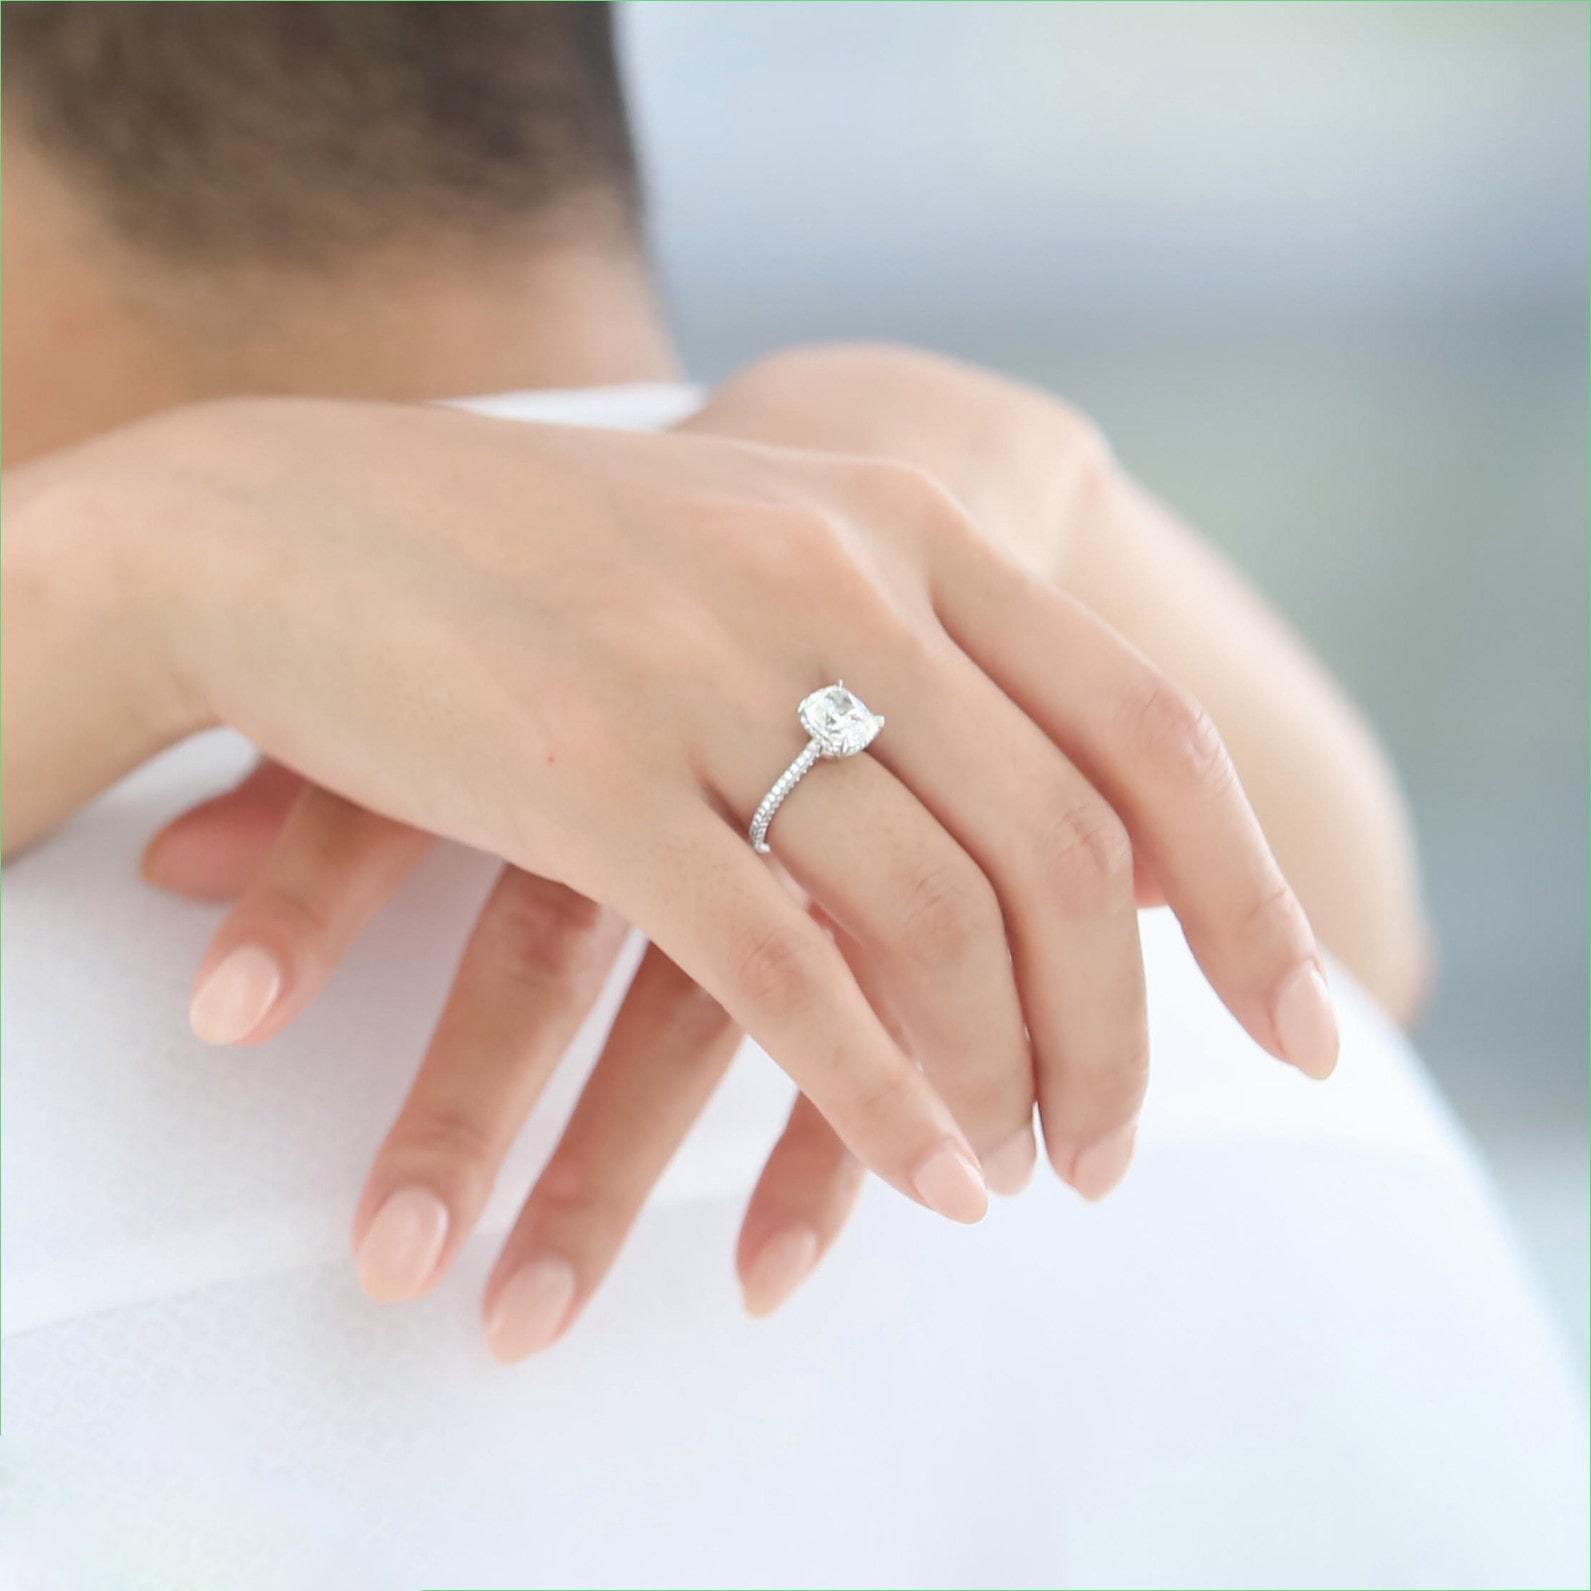 учитывать картинки красивая женская рука с кольцом когда снимаете